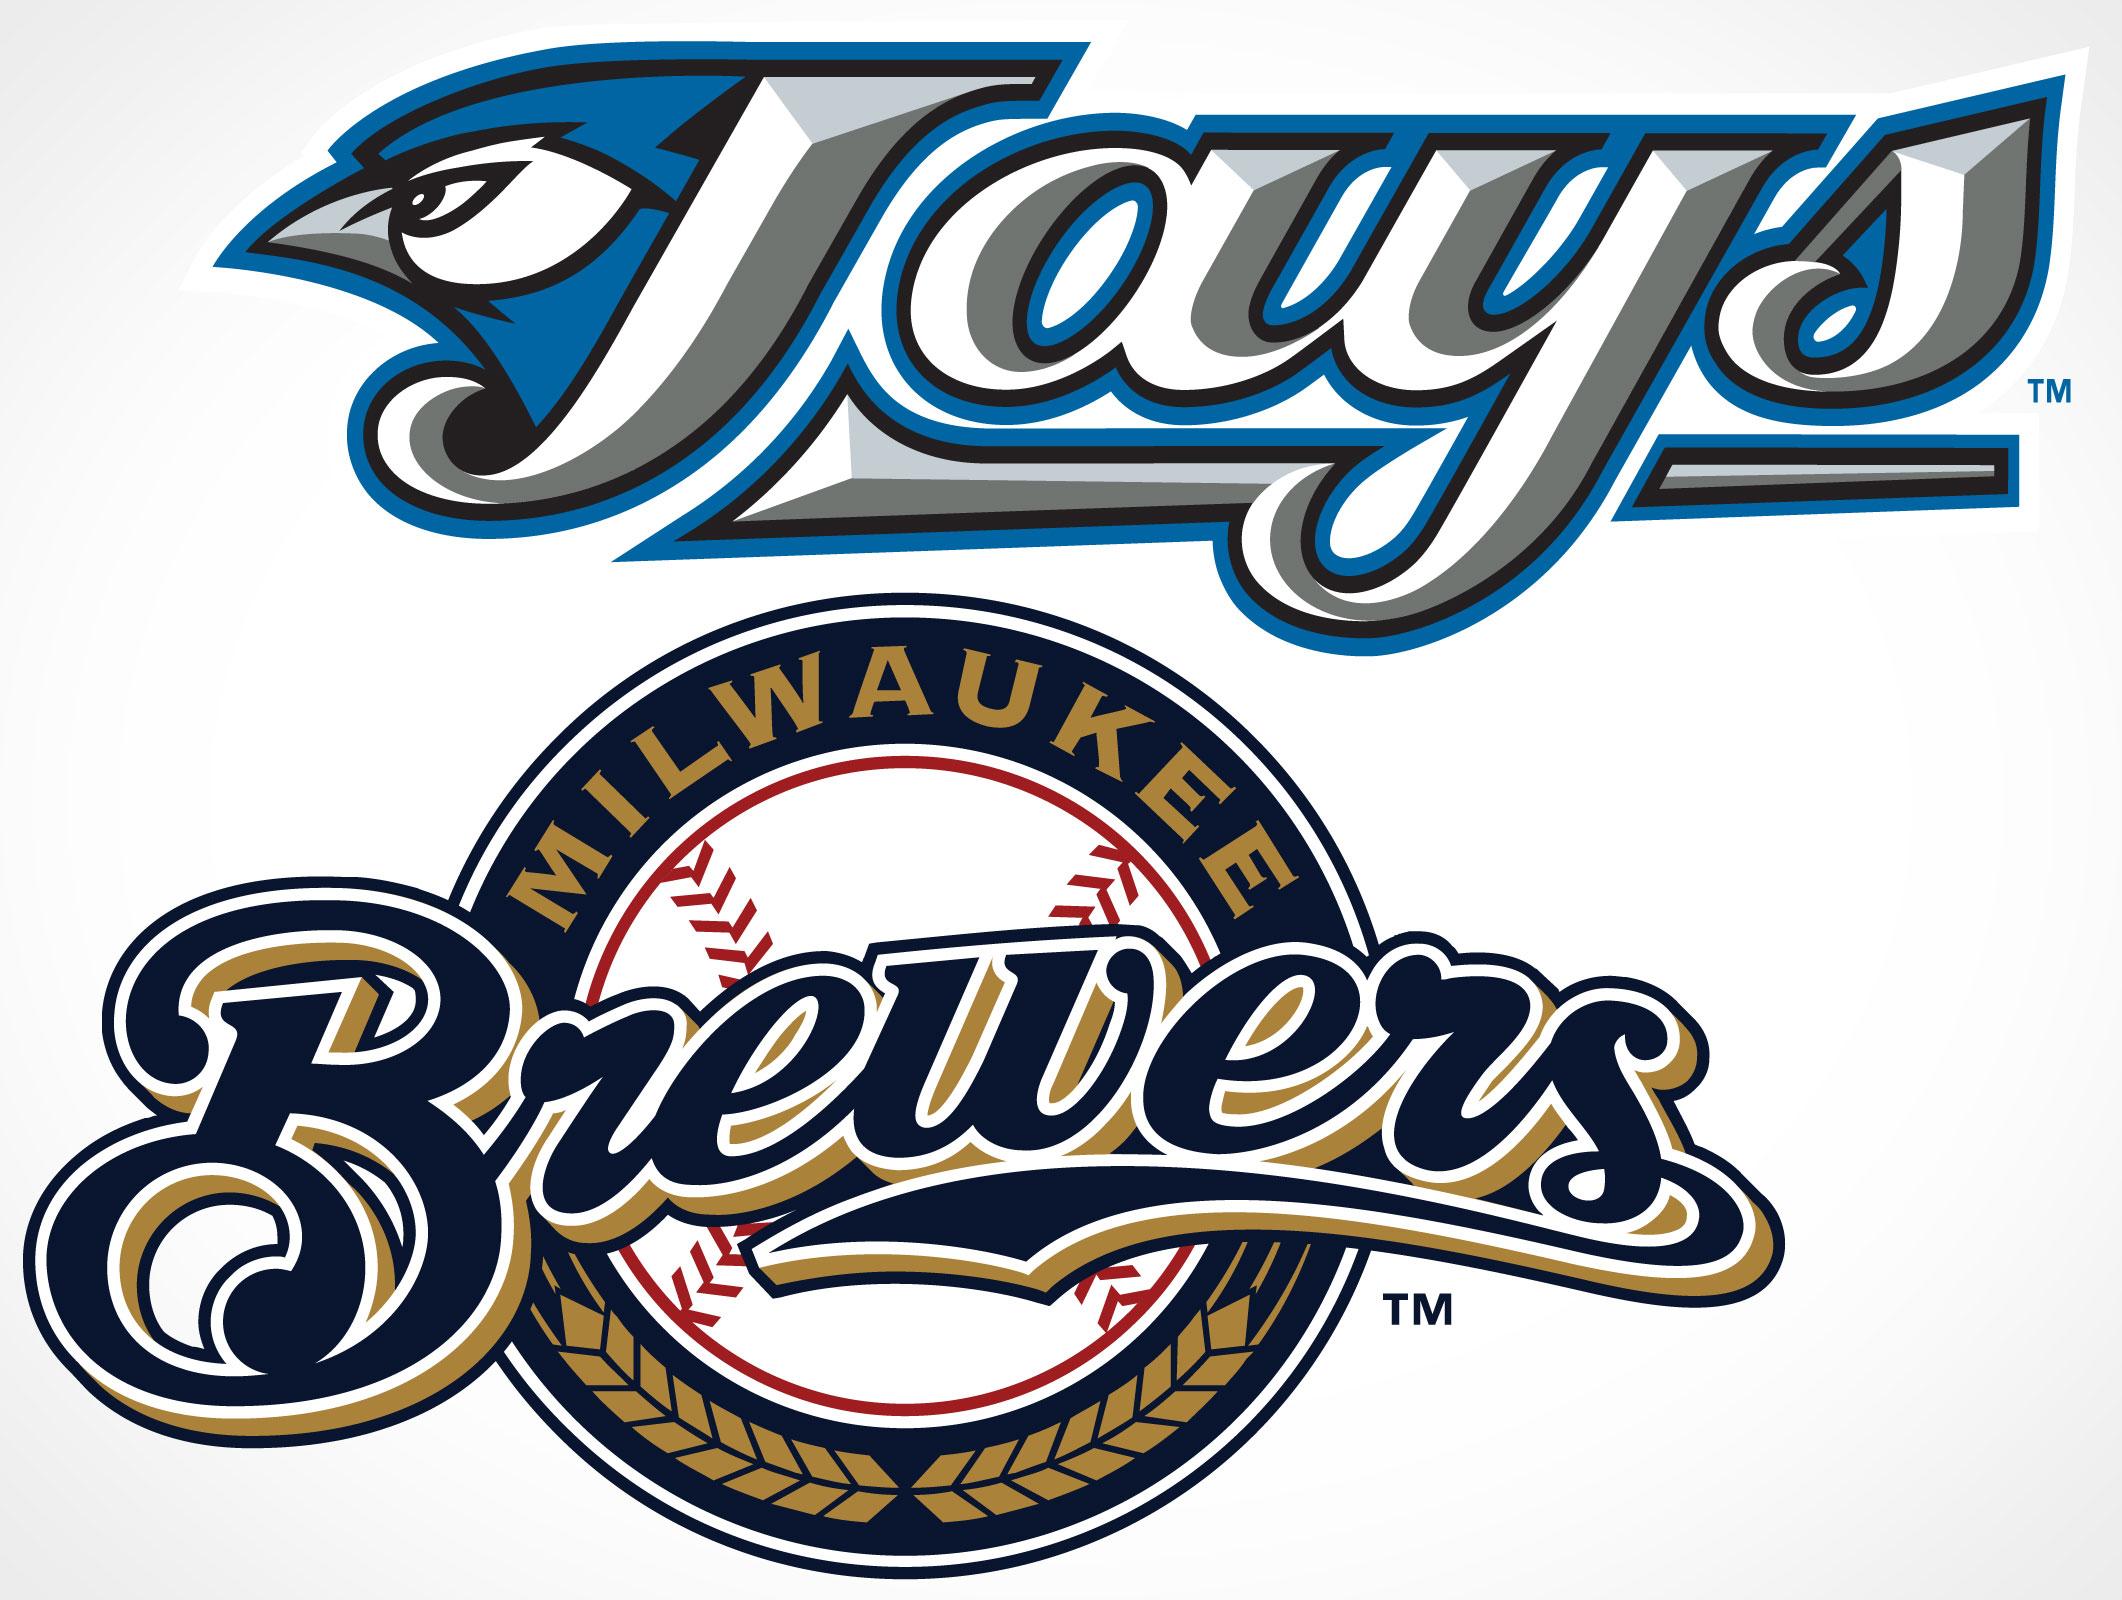 Baseball team logo design